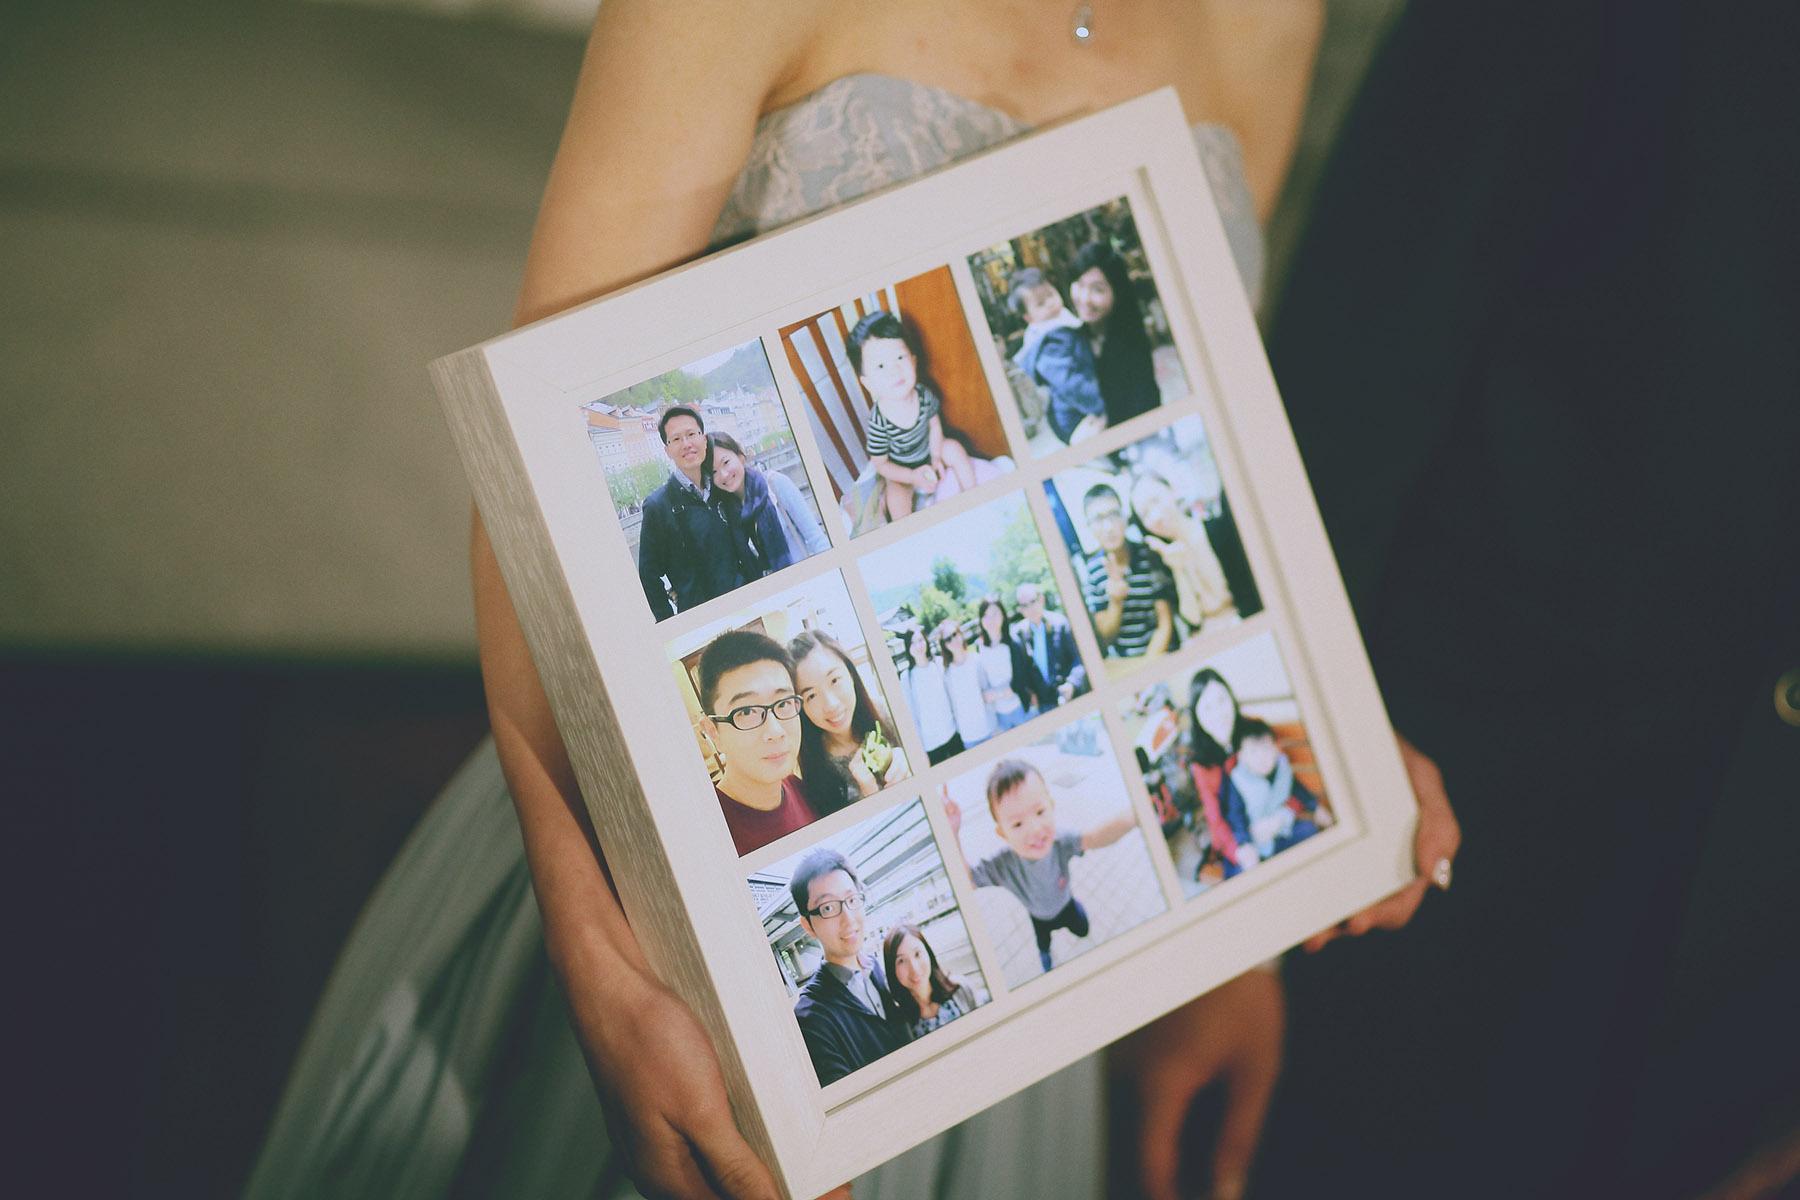 寒舍樂樂軒,底片婚攝,婚禮攝影,婚禮攝影師推薦,台北,餐廳,婚攝推薦,婚禮紀錄,電影風格